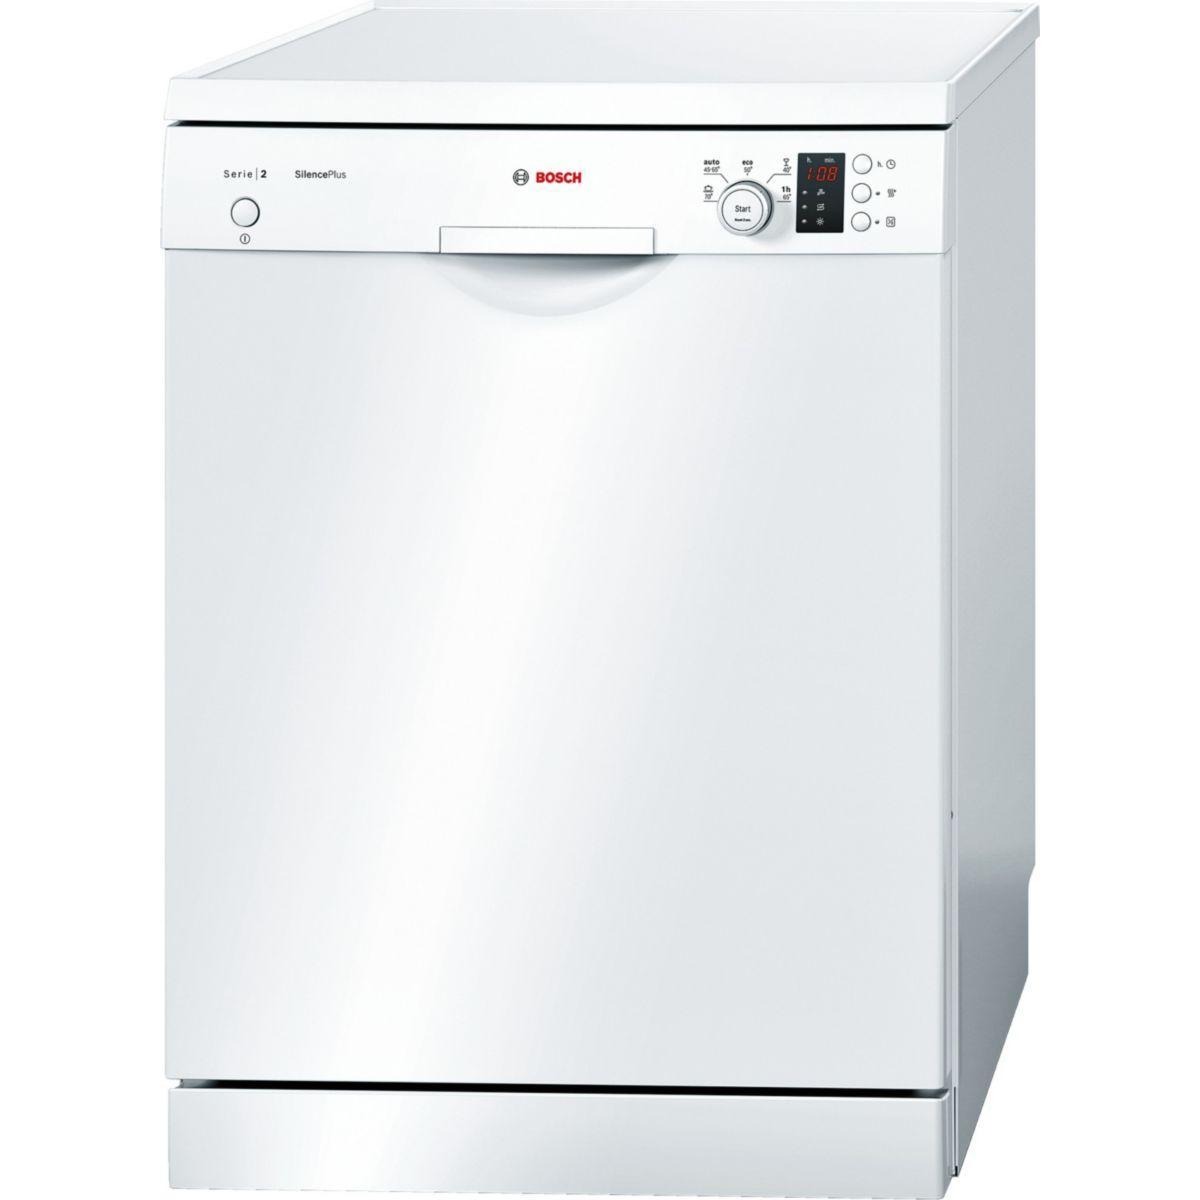 Lave-vaisselle 60cm bosch sms25aw04e - 2% de remise immédiate avec le code : cool2 (photo)